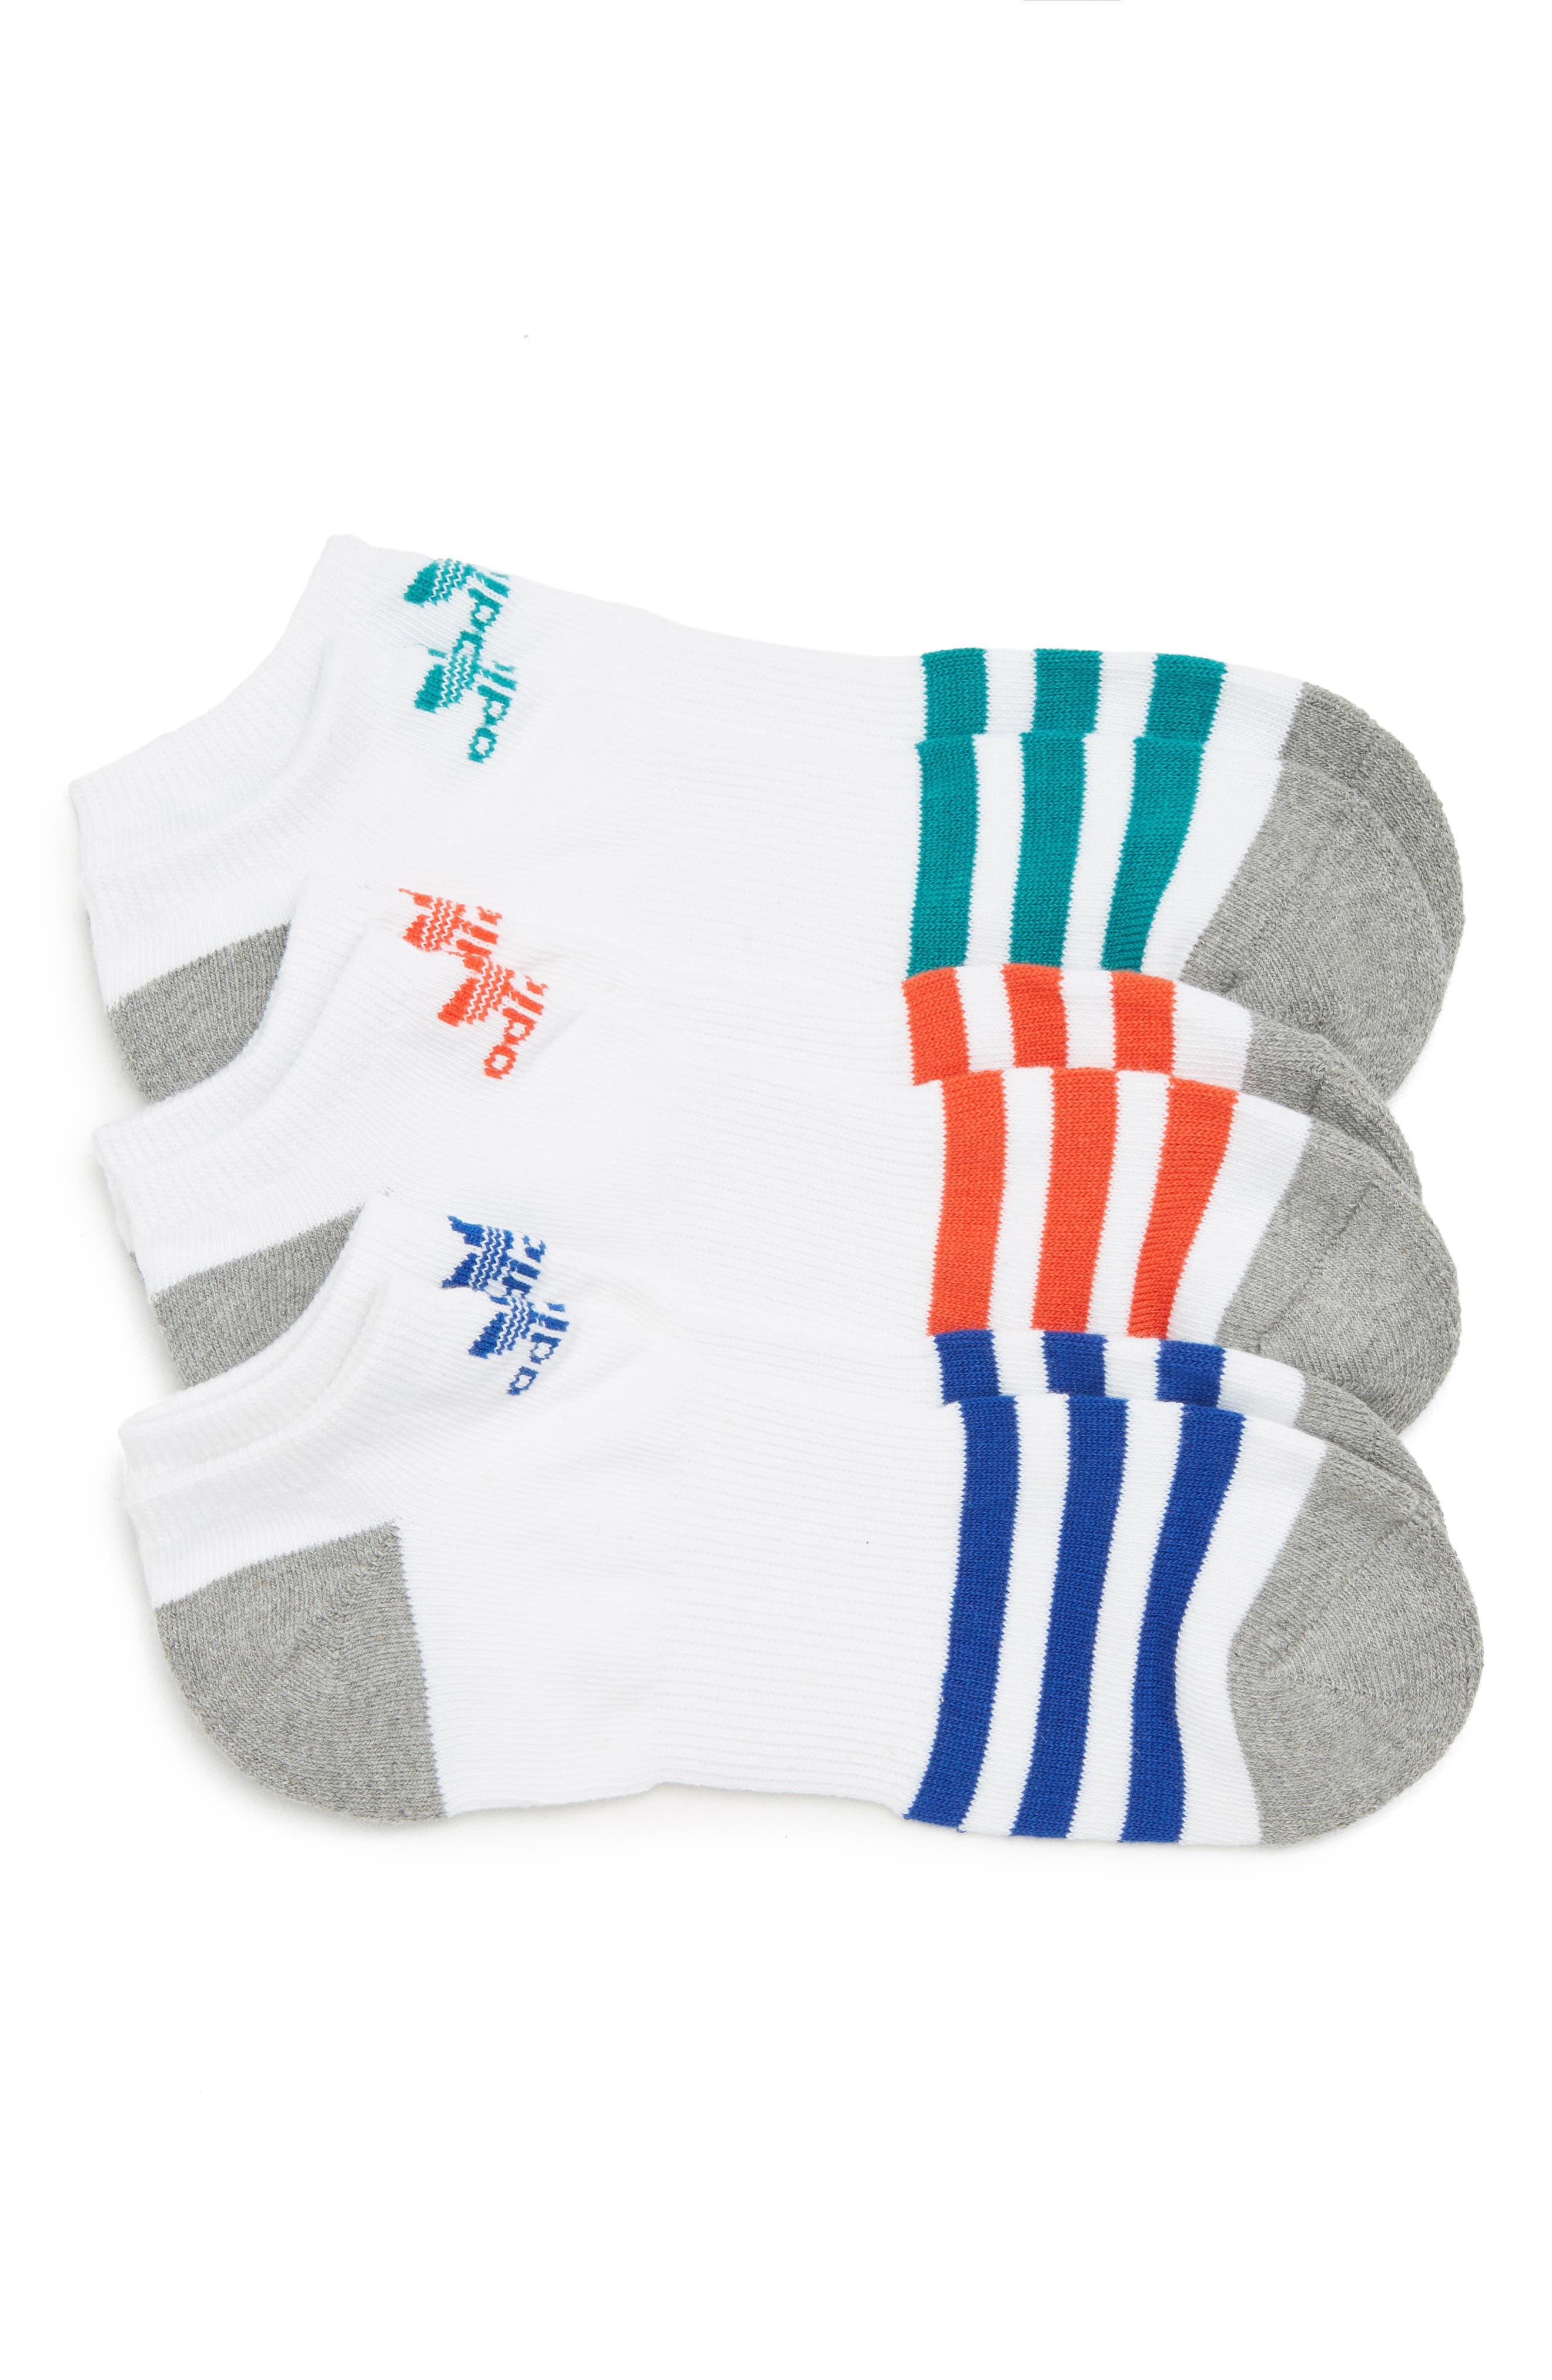 adidas Originals Roller Assorted 3-Pack No-Show Socks